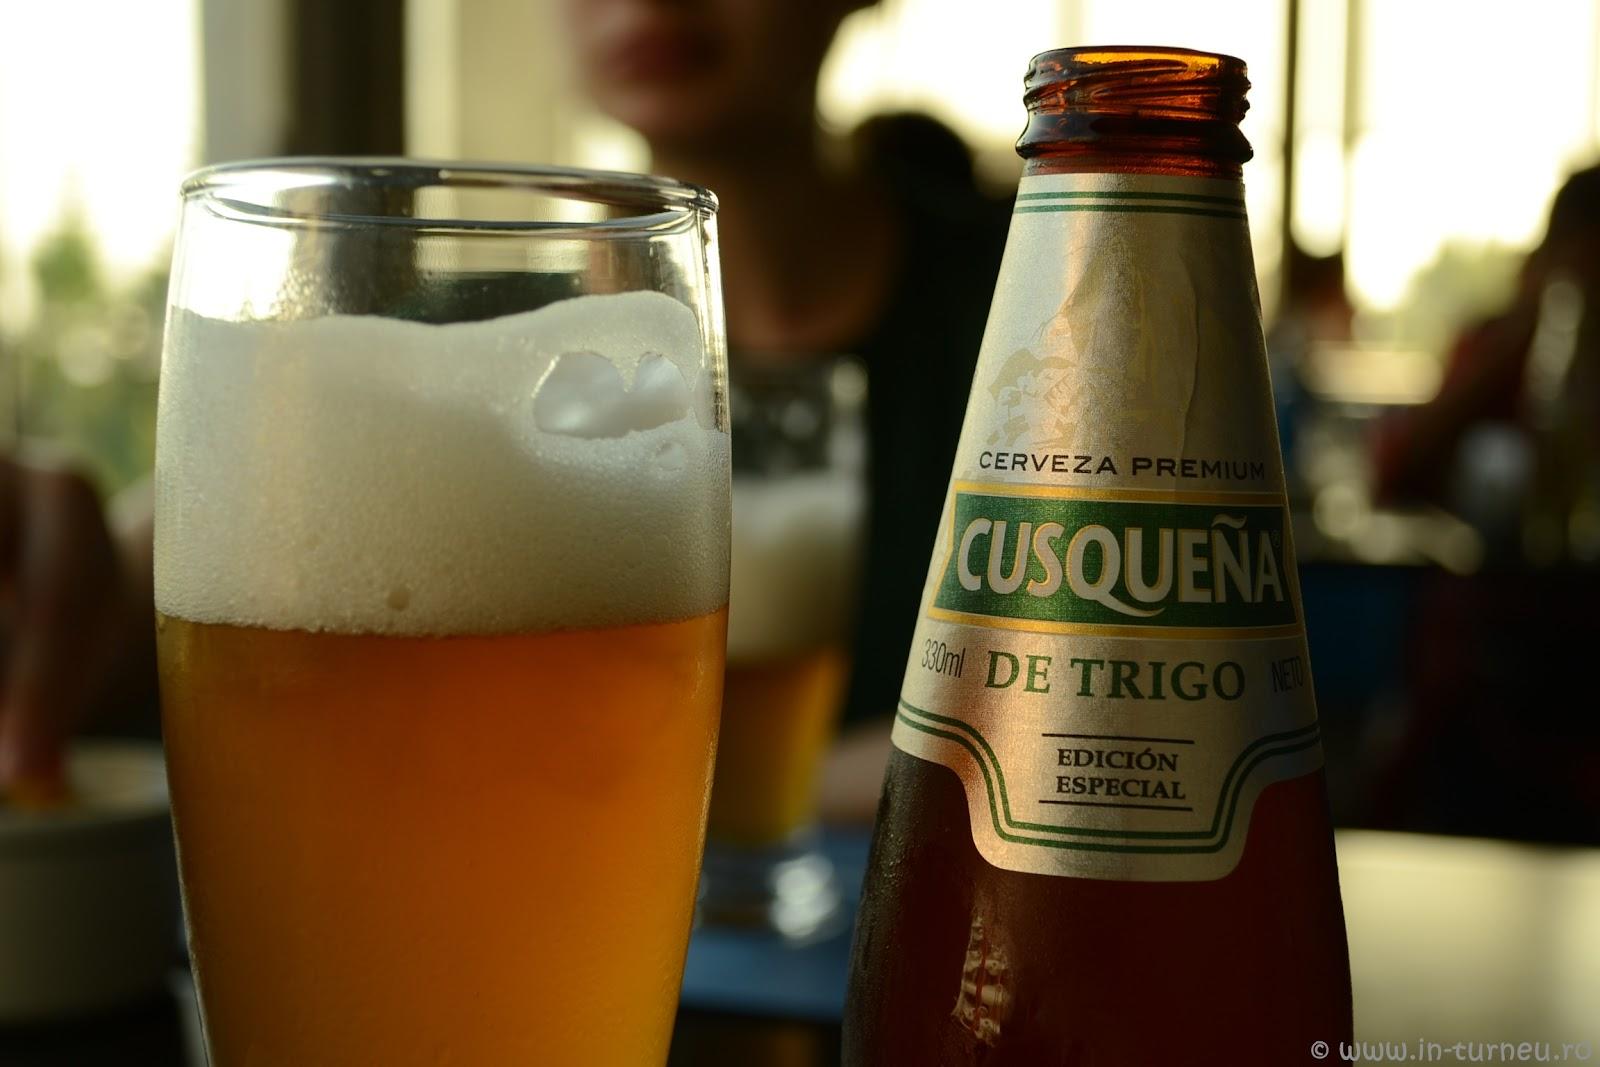 Bere Cusquena - Lima, Peru